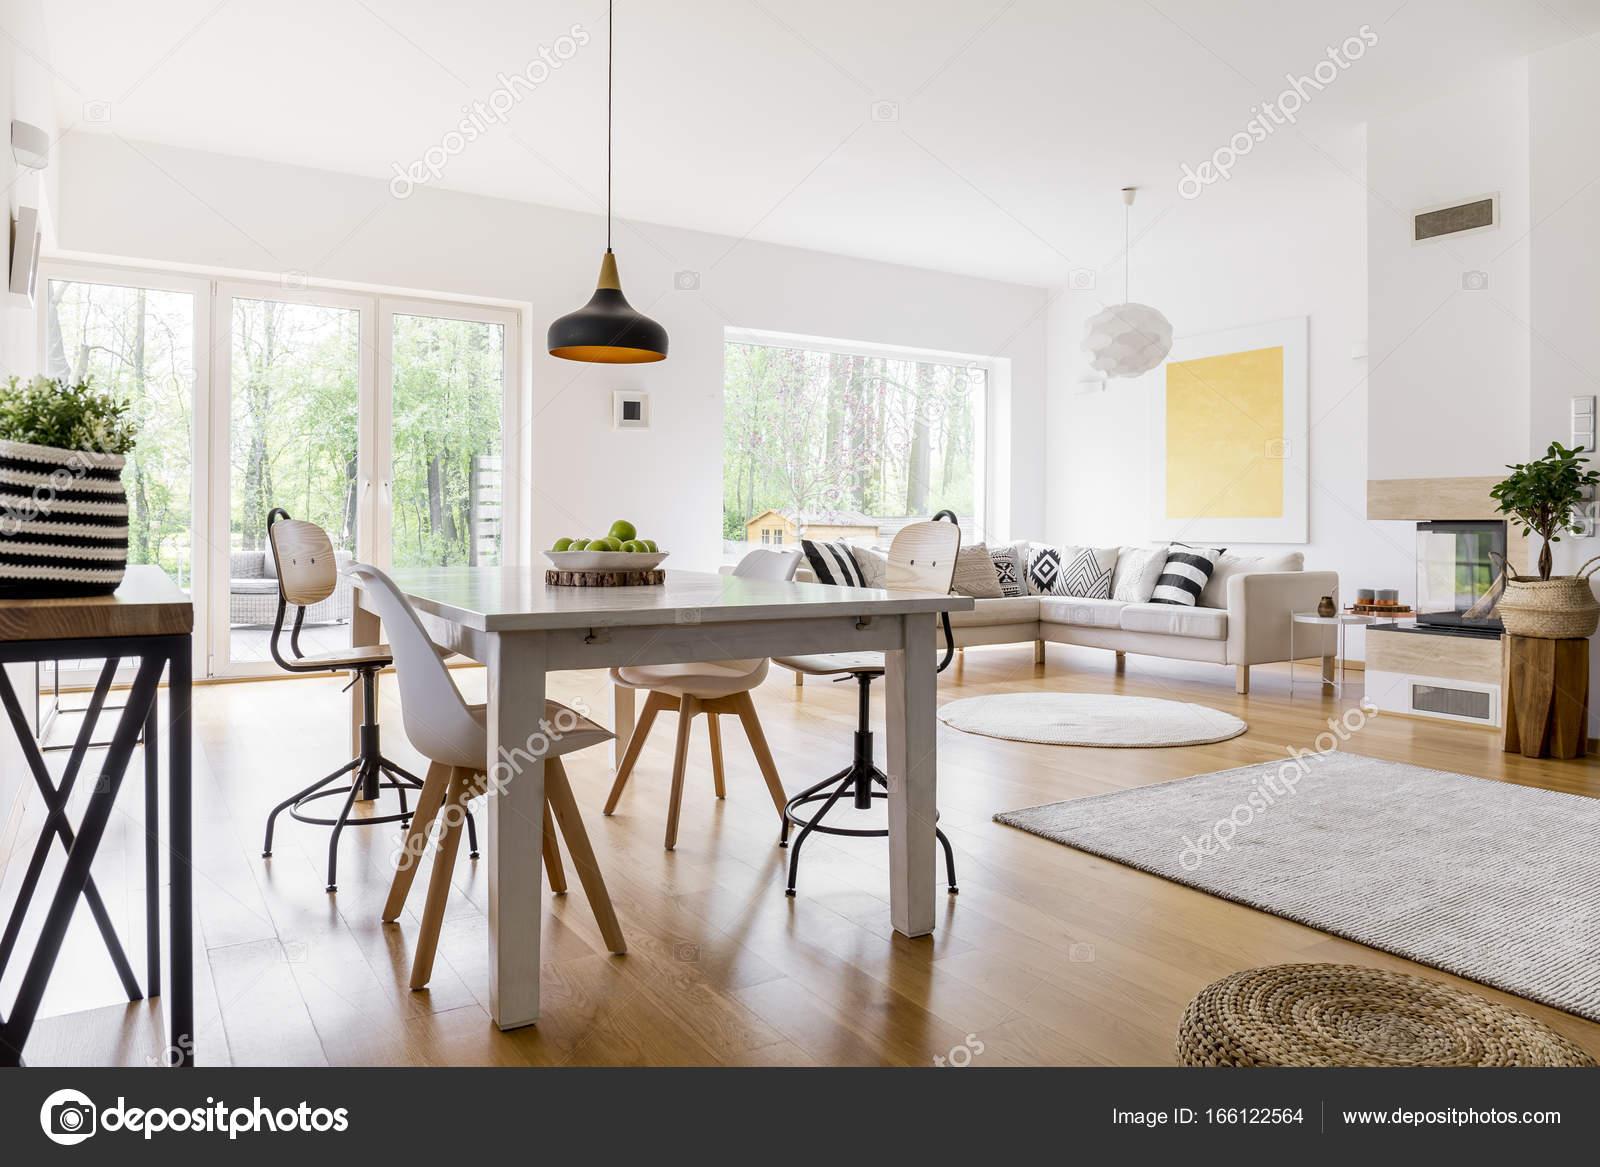 Tapijt In Woonkamer : Gedessineerde tapijt in woonkamer u stockfoto photographee eu